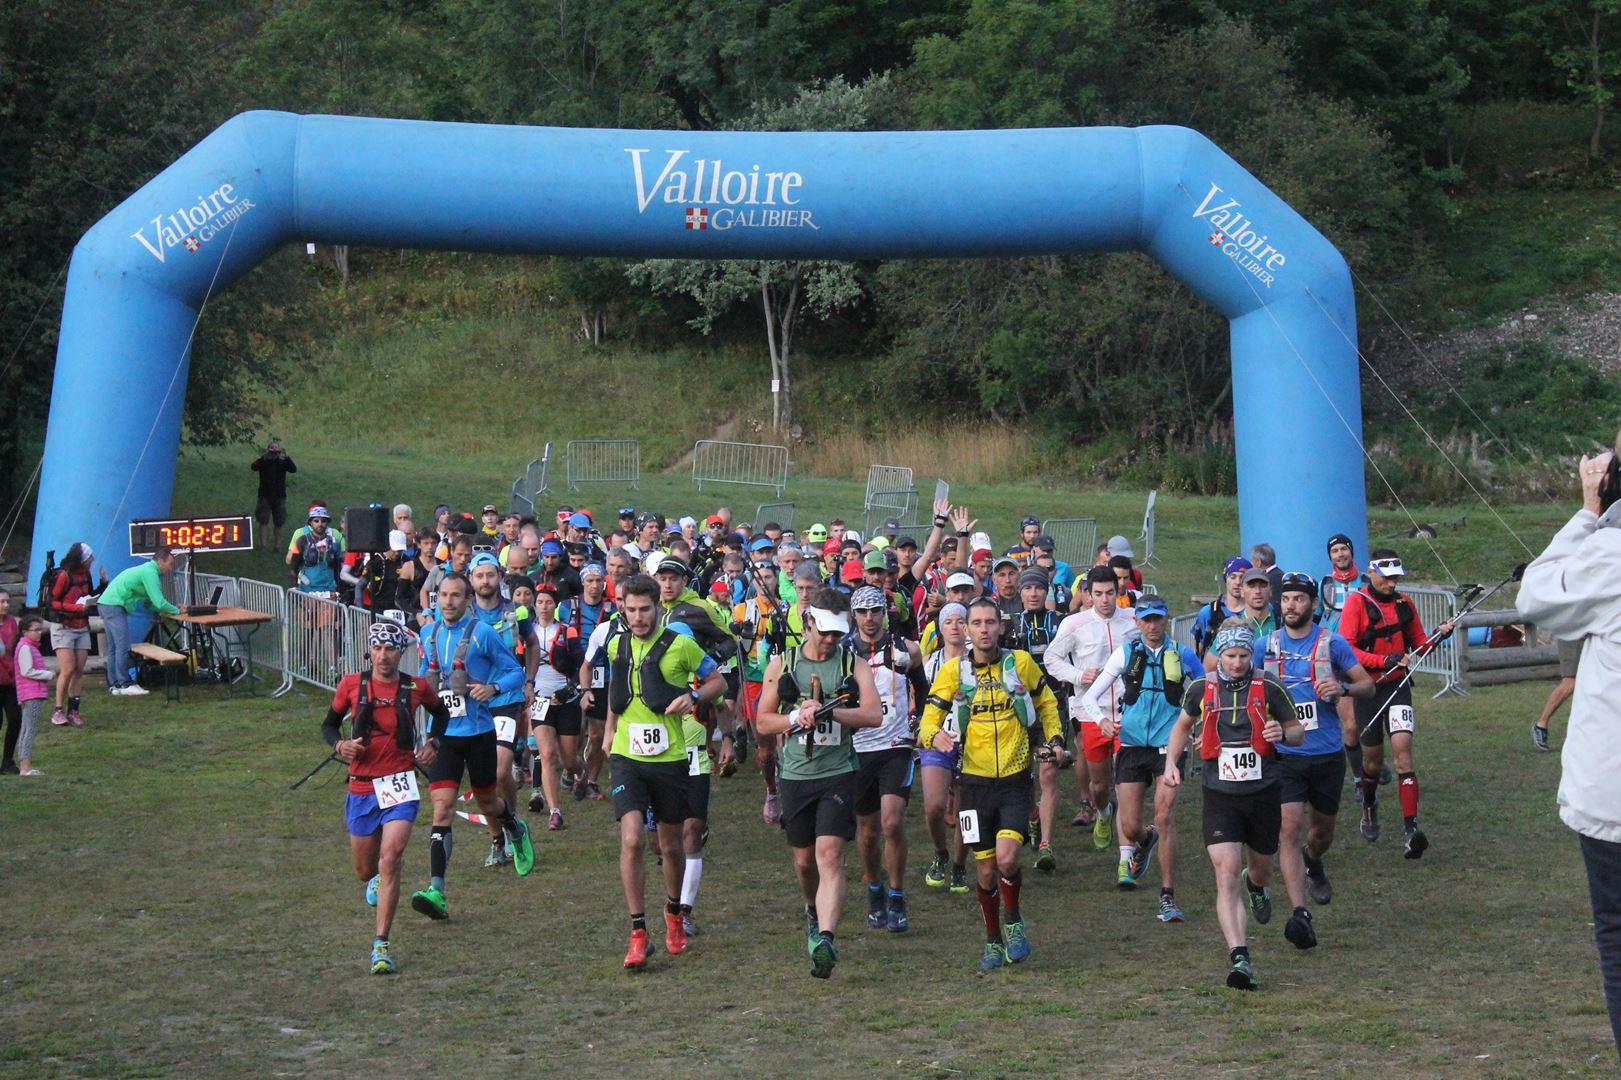 Départ du trail du galibier à 7h du matin - RESULTATS DU 9EME TRAIL DU GALIBIER (VALLOIRE 73) 20-08-2017